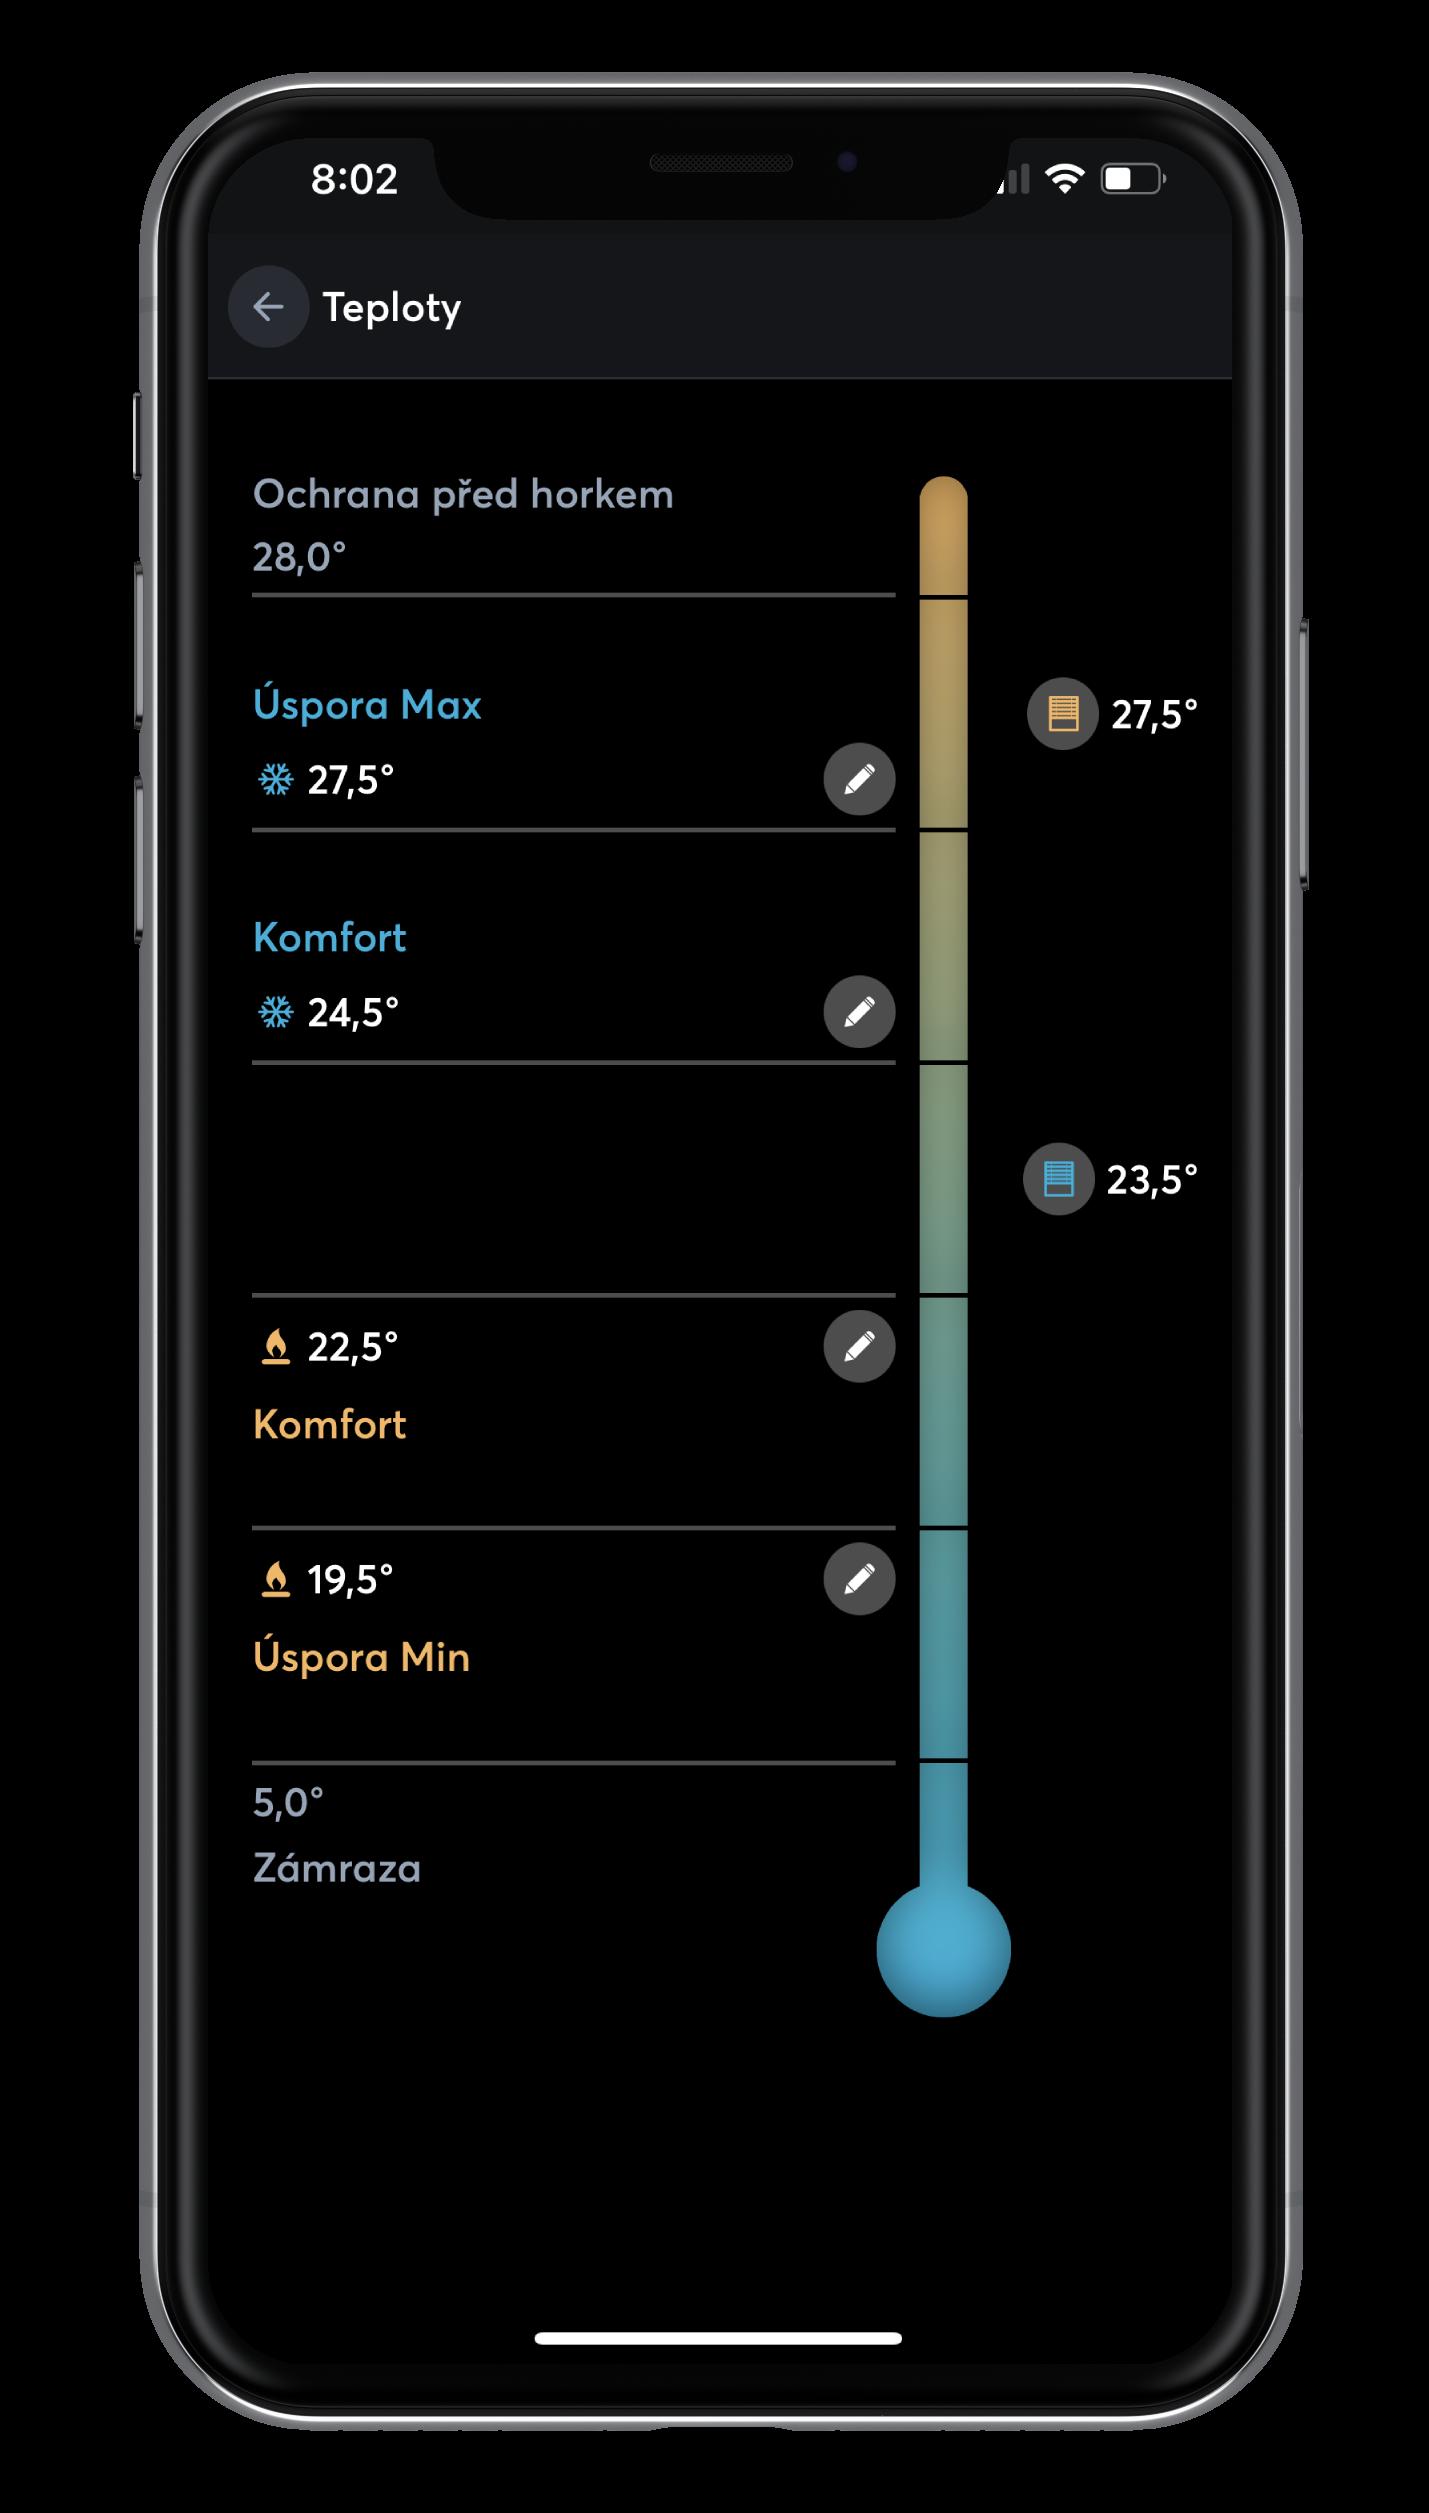 Teplota v aplikaci